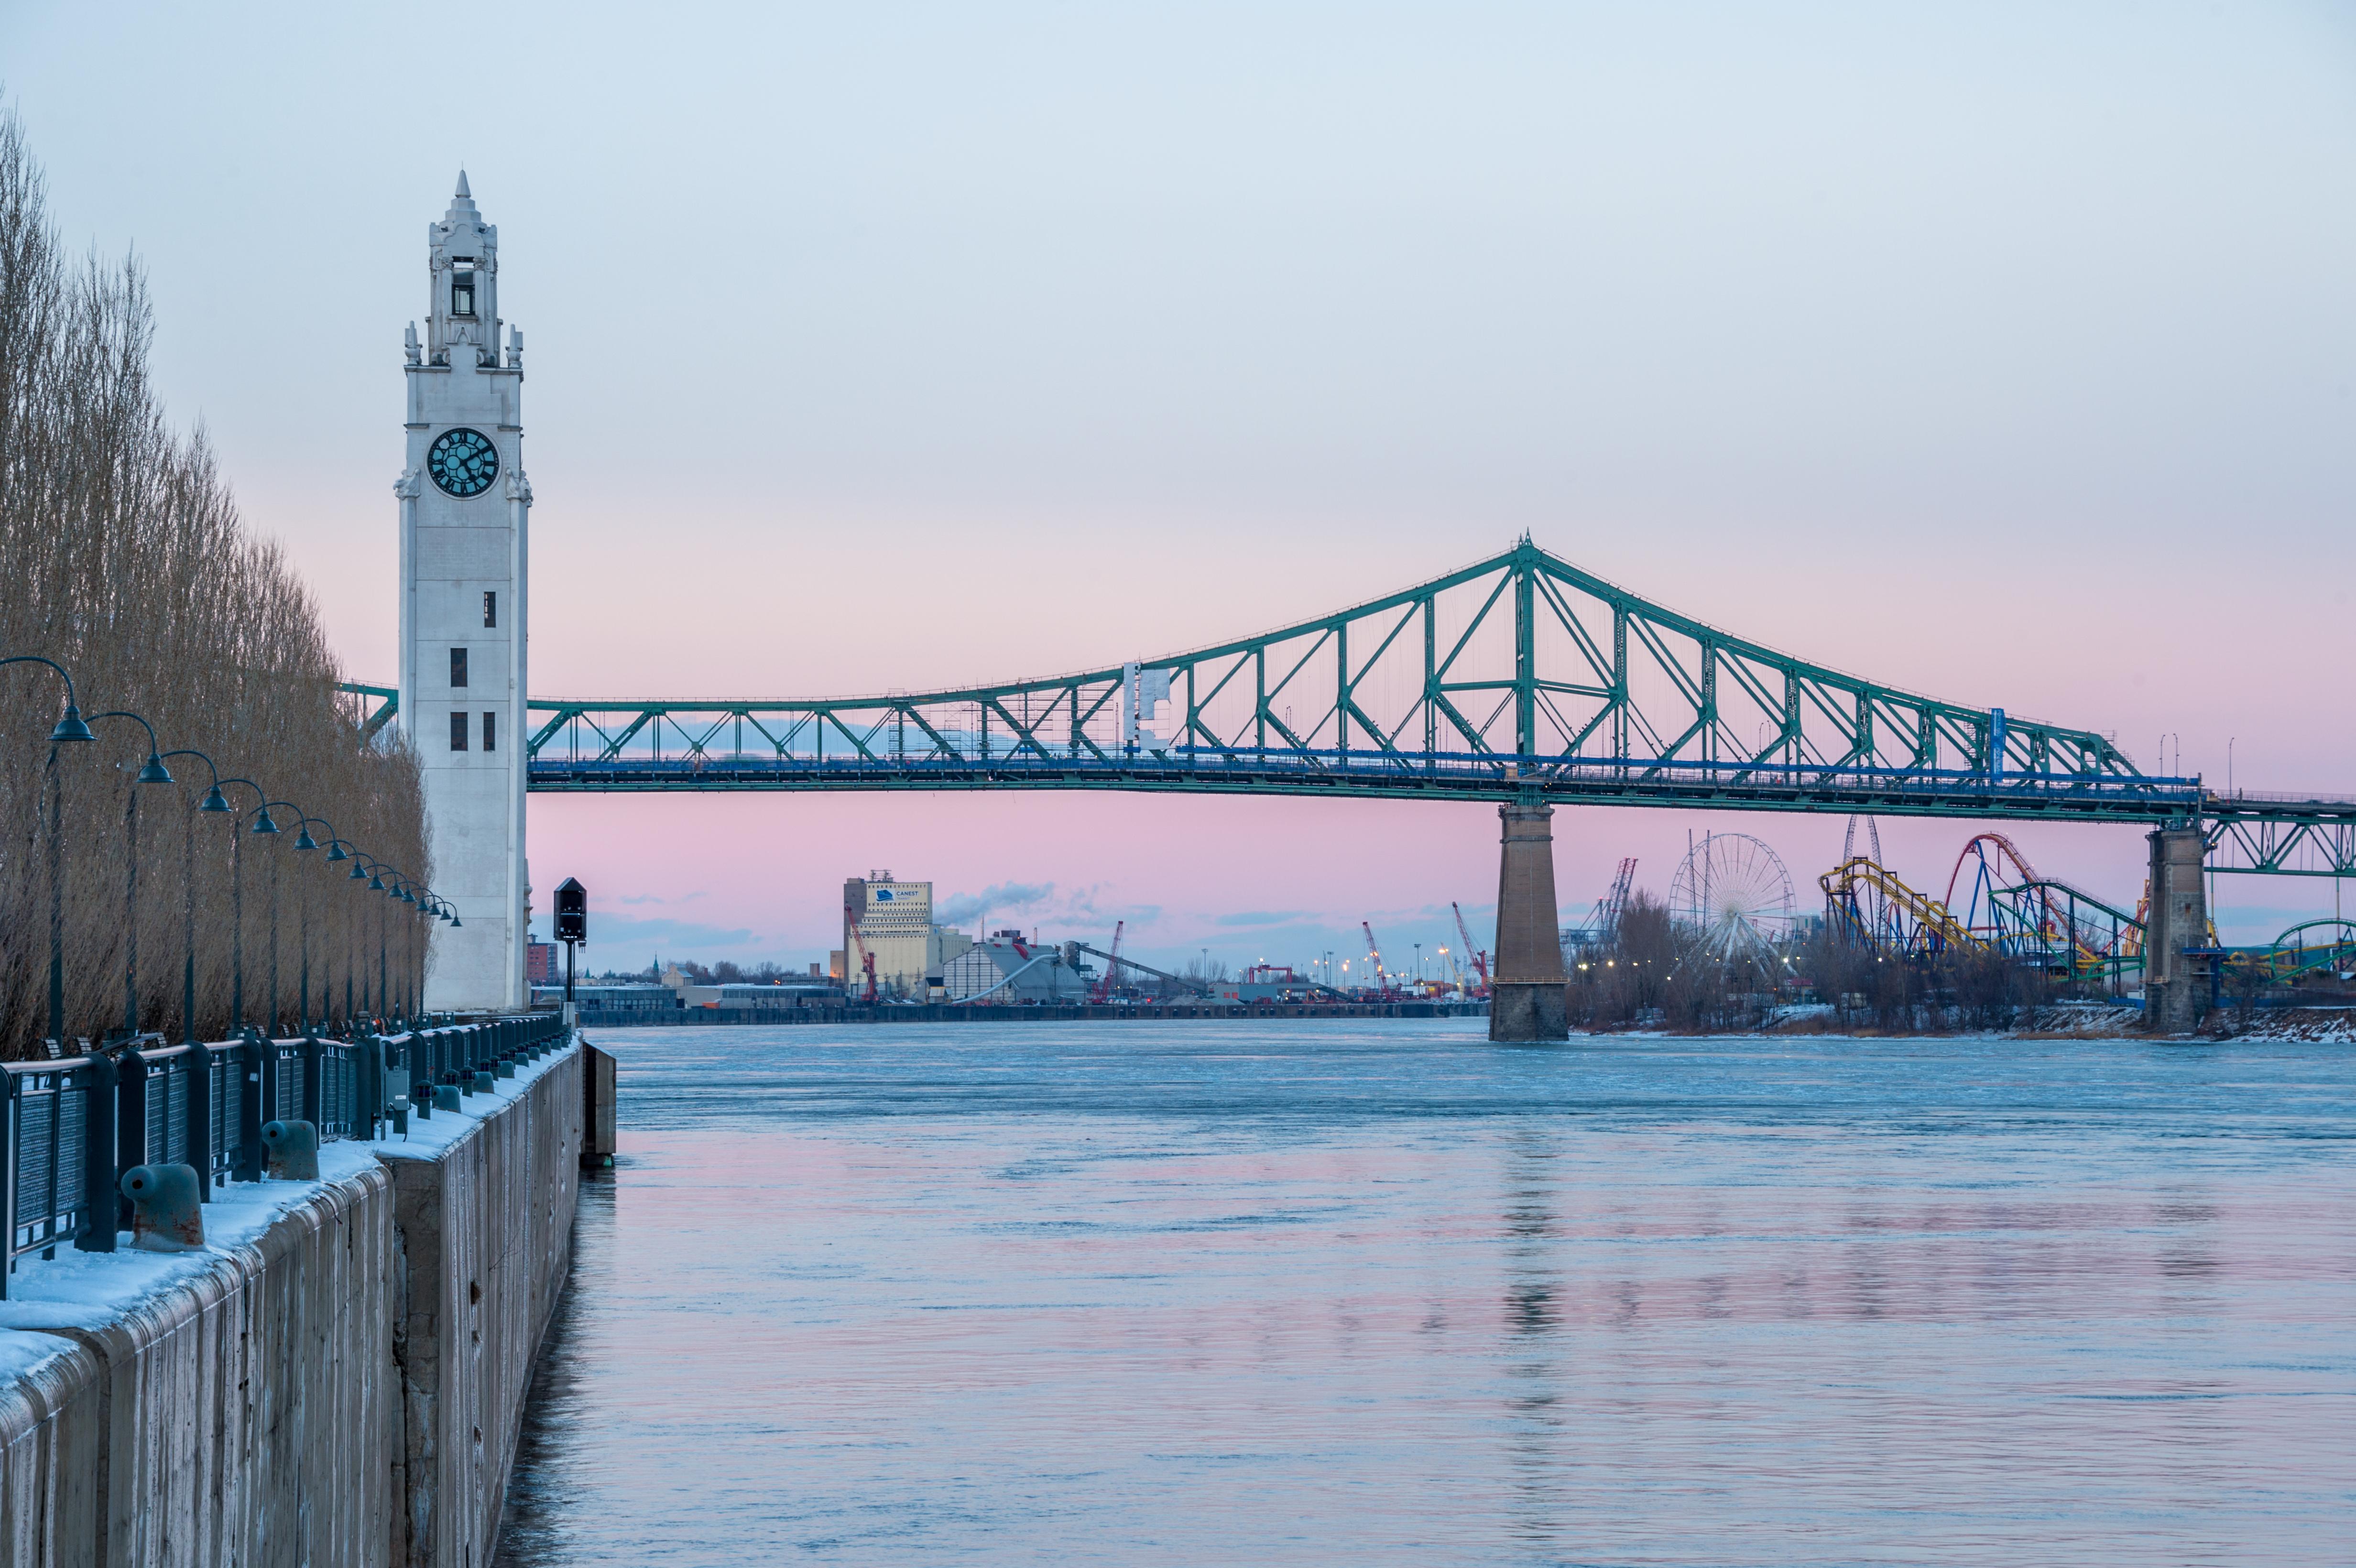 Chuong-trinh-tinh-bang-Quebec